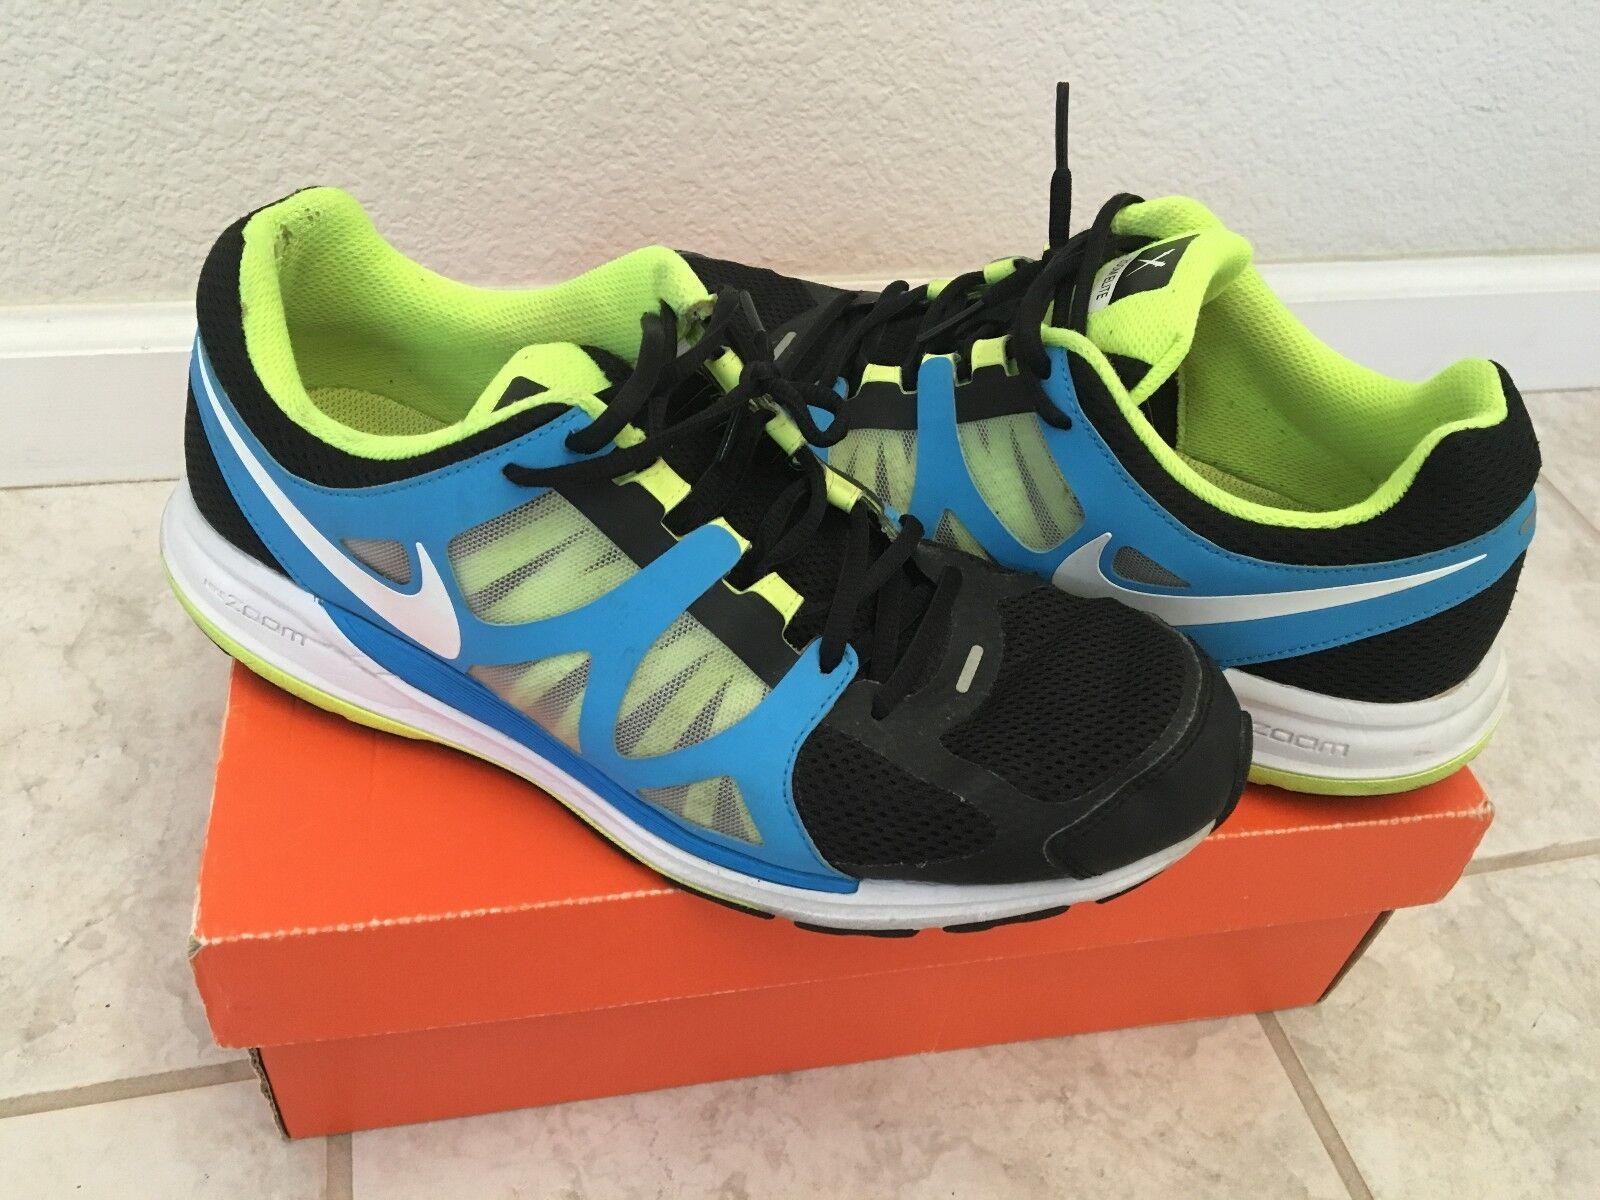 Nike zoom elite   running uomini scarpe taglia 10 con box